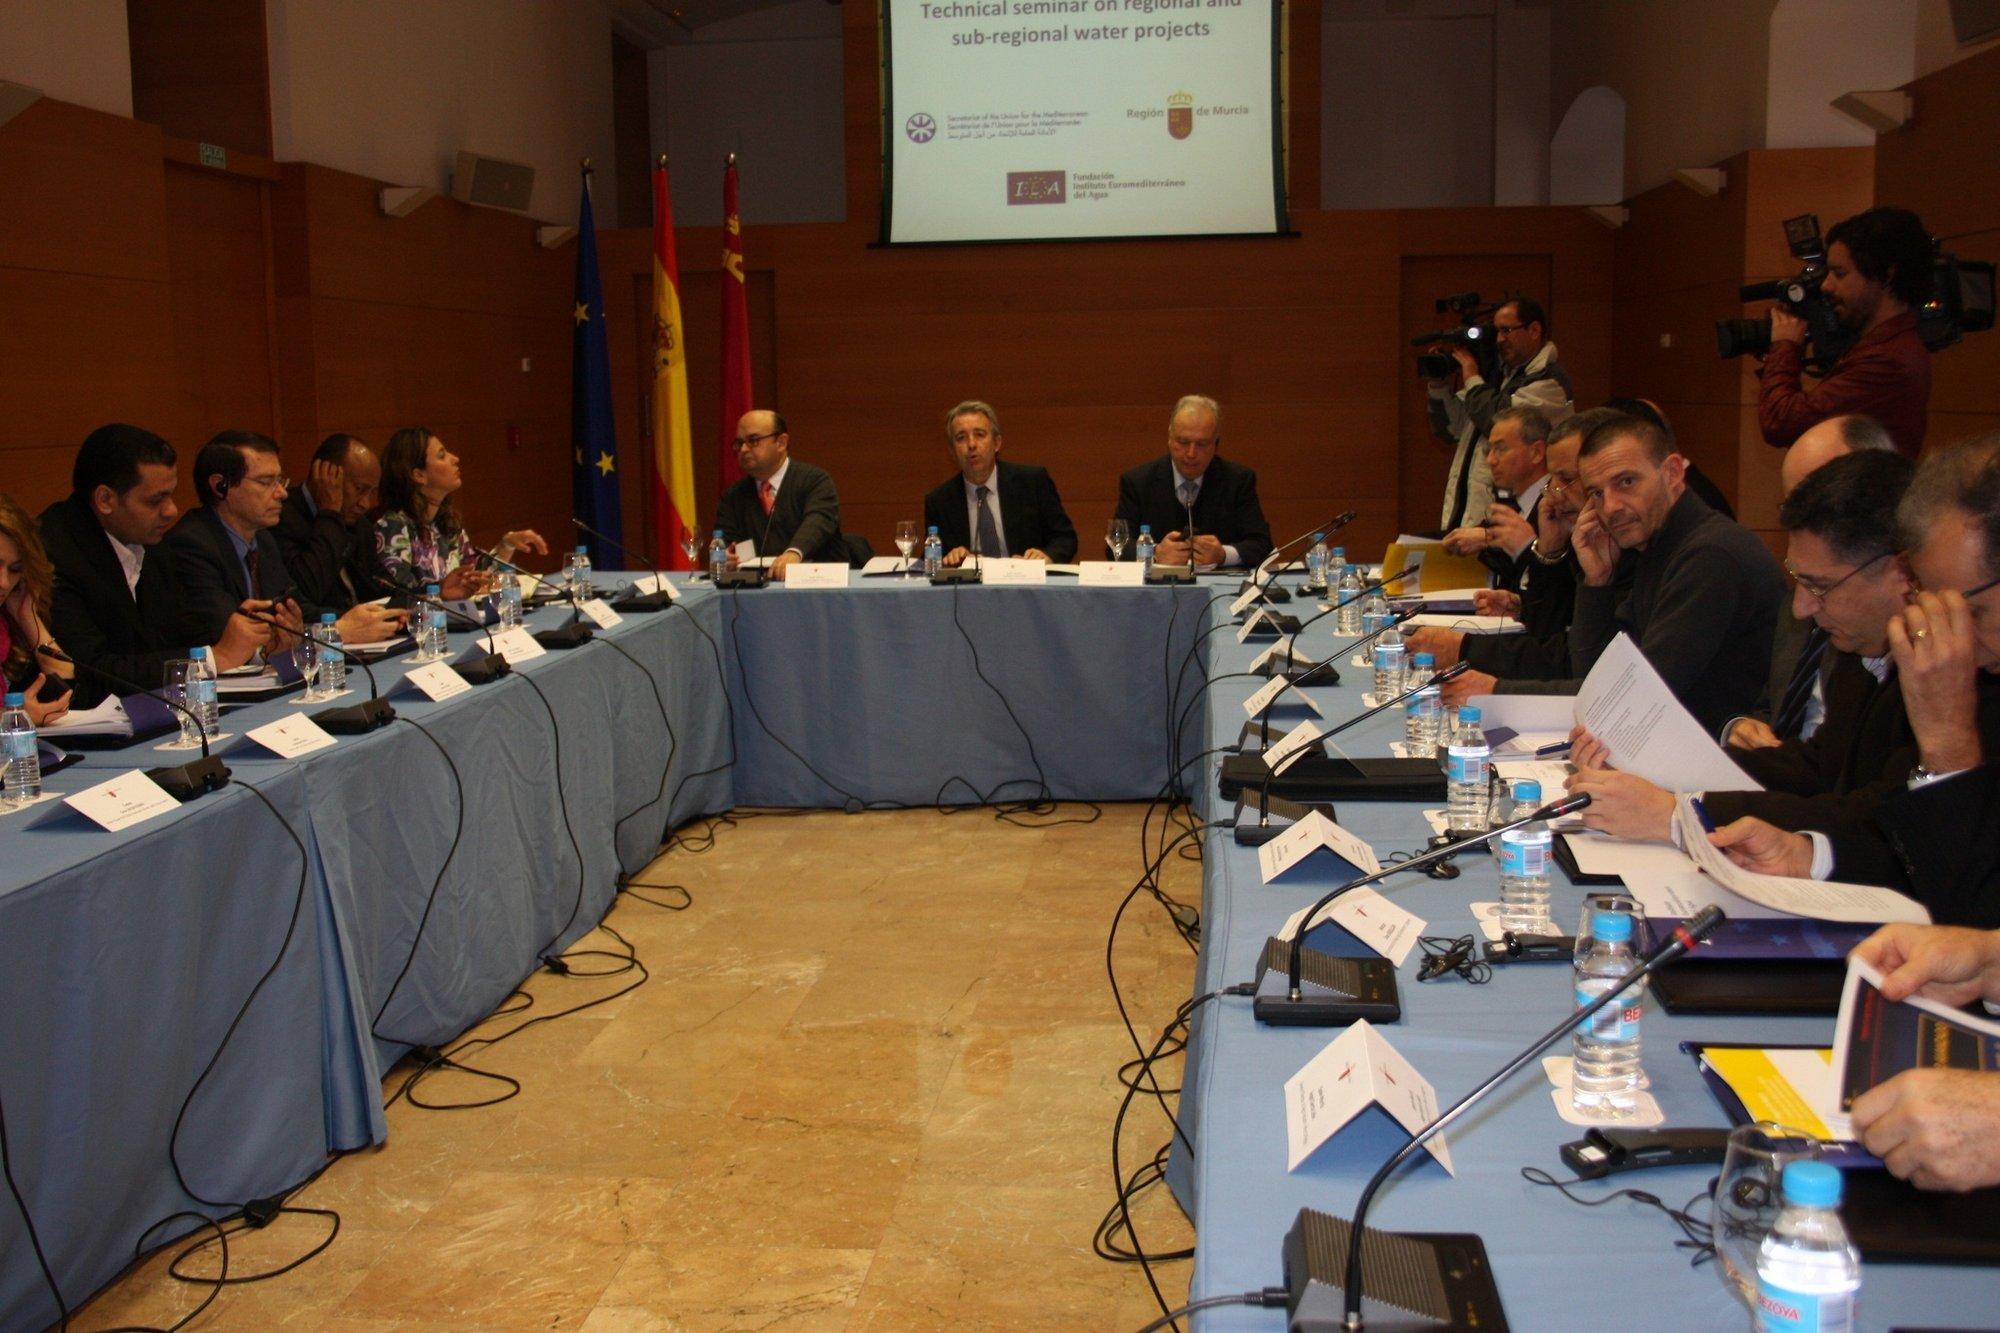 La gestión del agua en la Región de Murcia atrae a expertos de los países de la ribera mediterránea